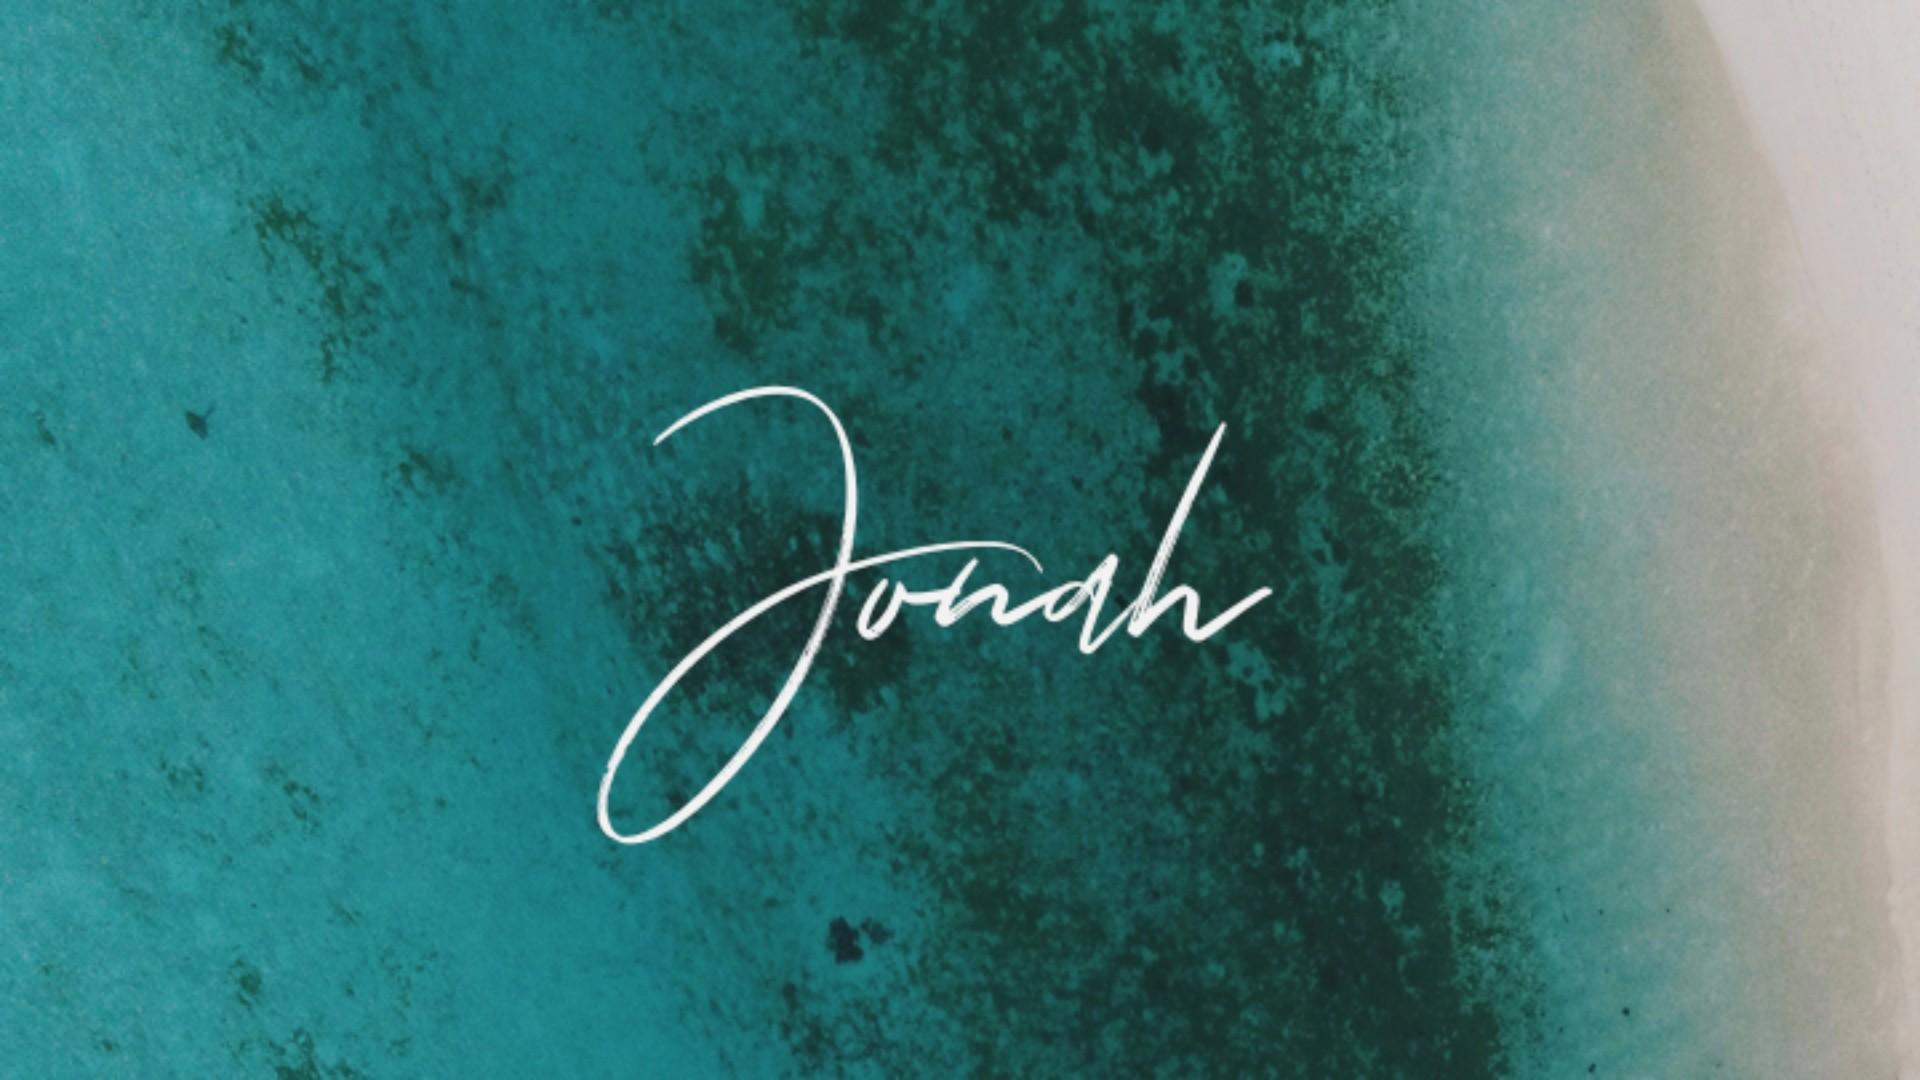 Jonah (2019)